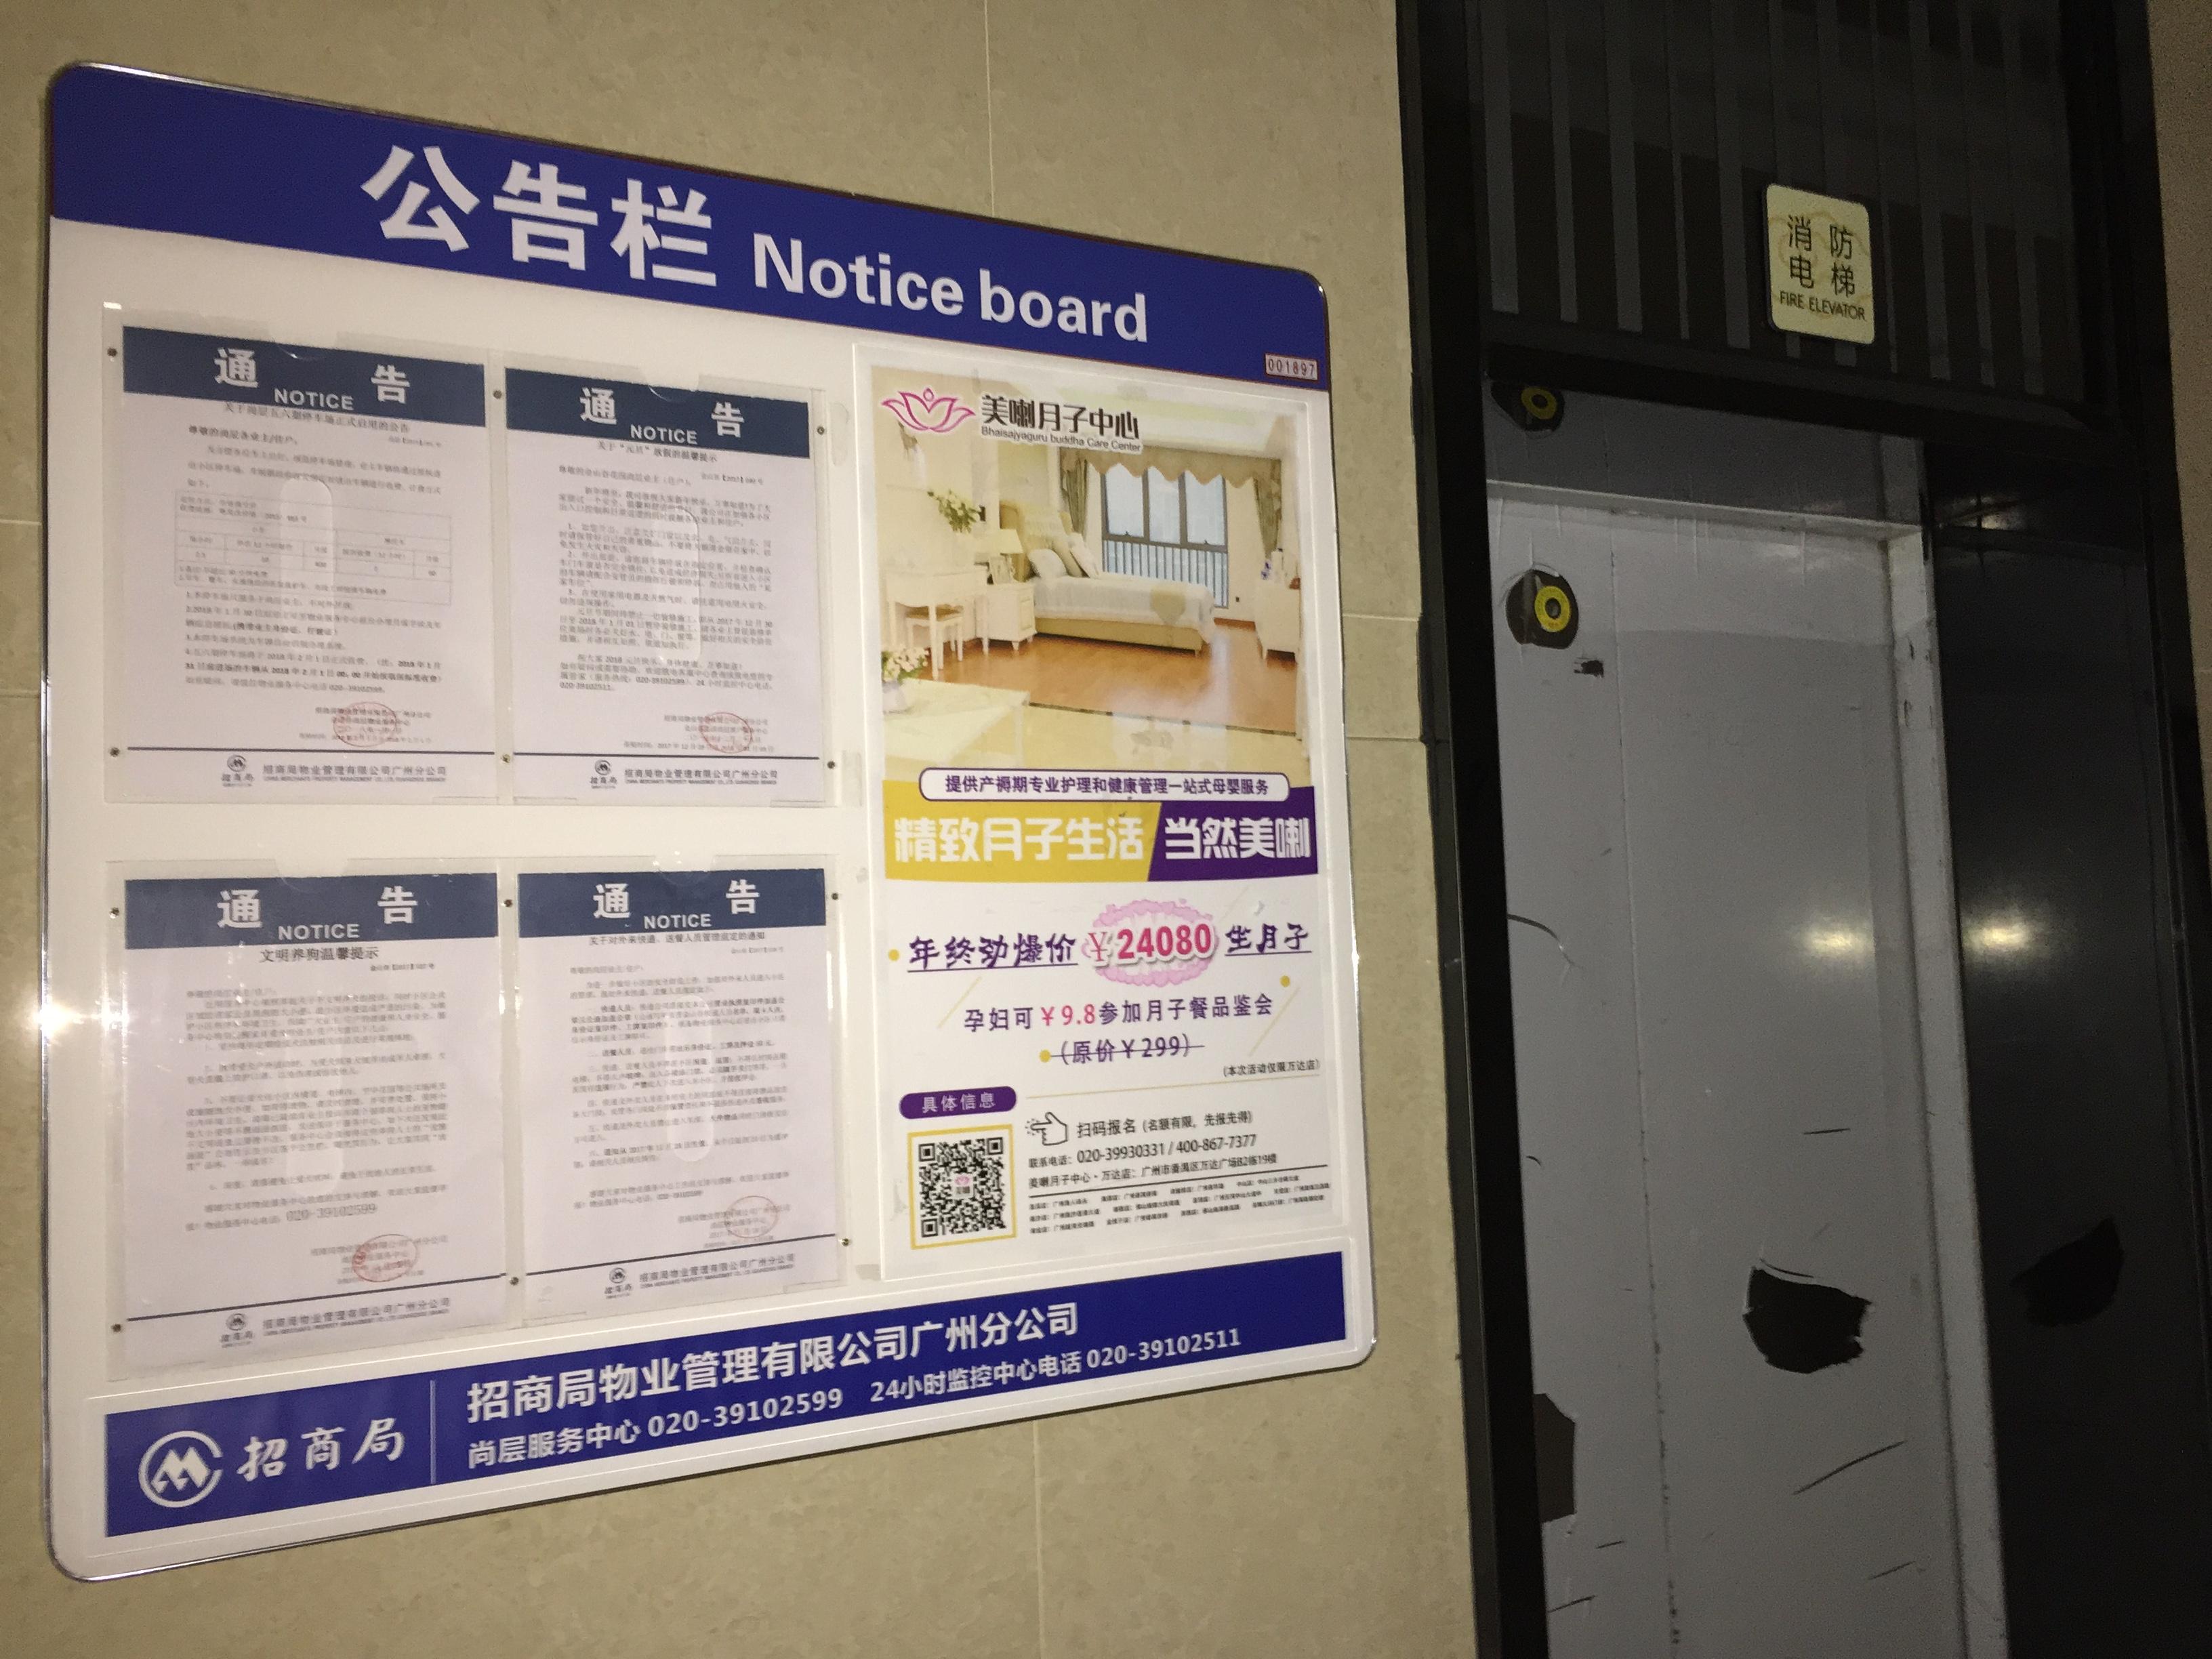 越秀区五羊新城小区电梯厅广告/老城区北京路社区电梯广告/社区公告栏海报广告制作